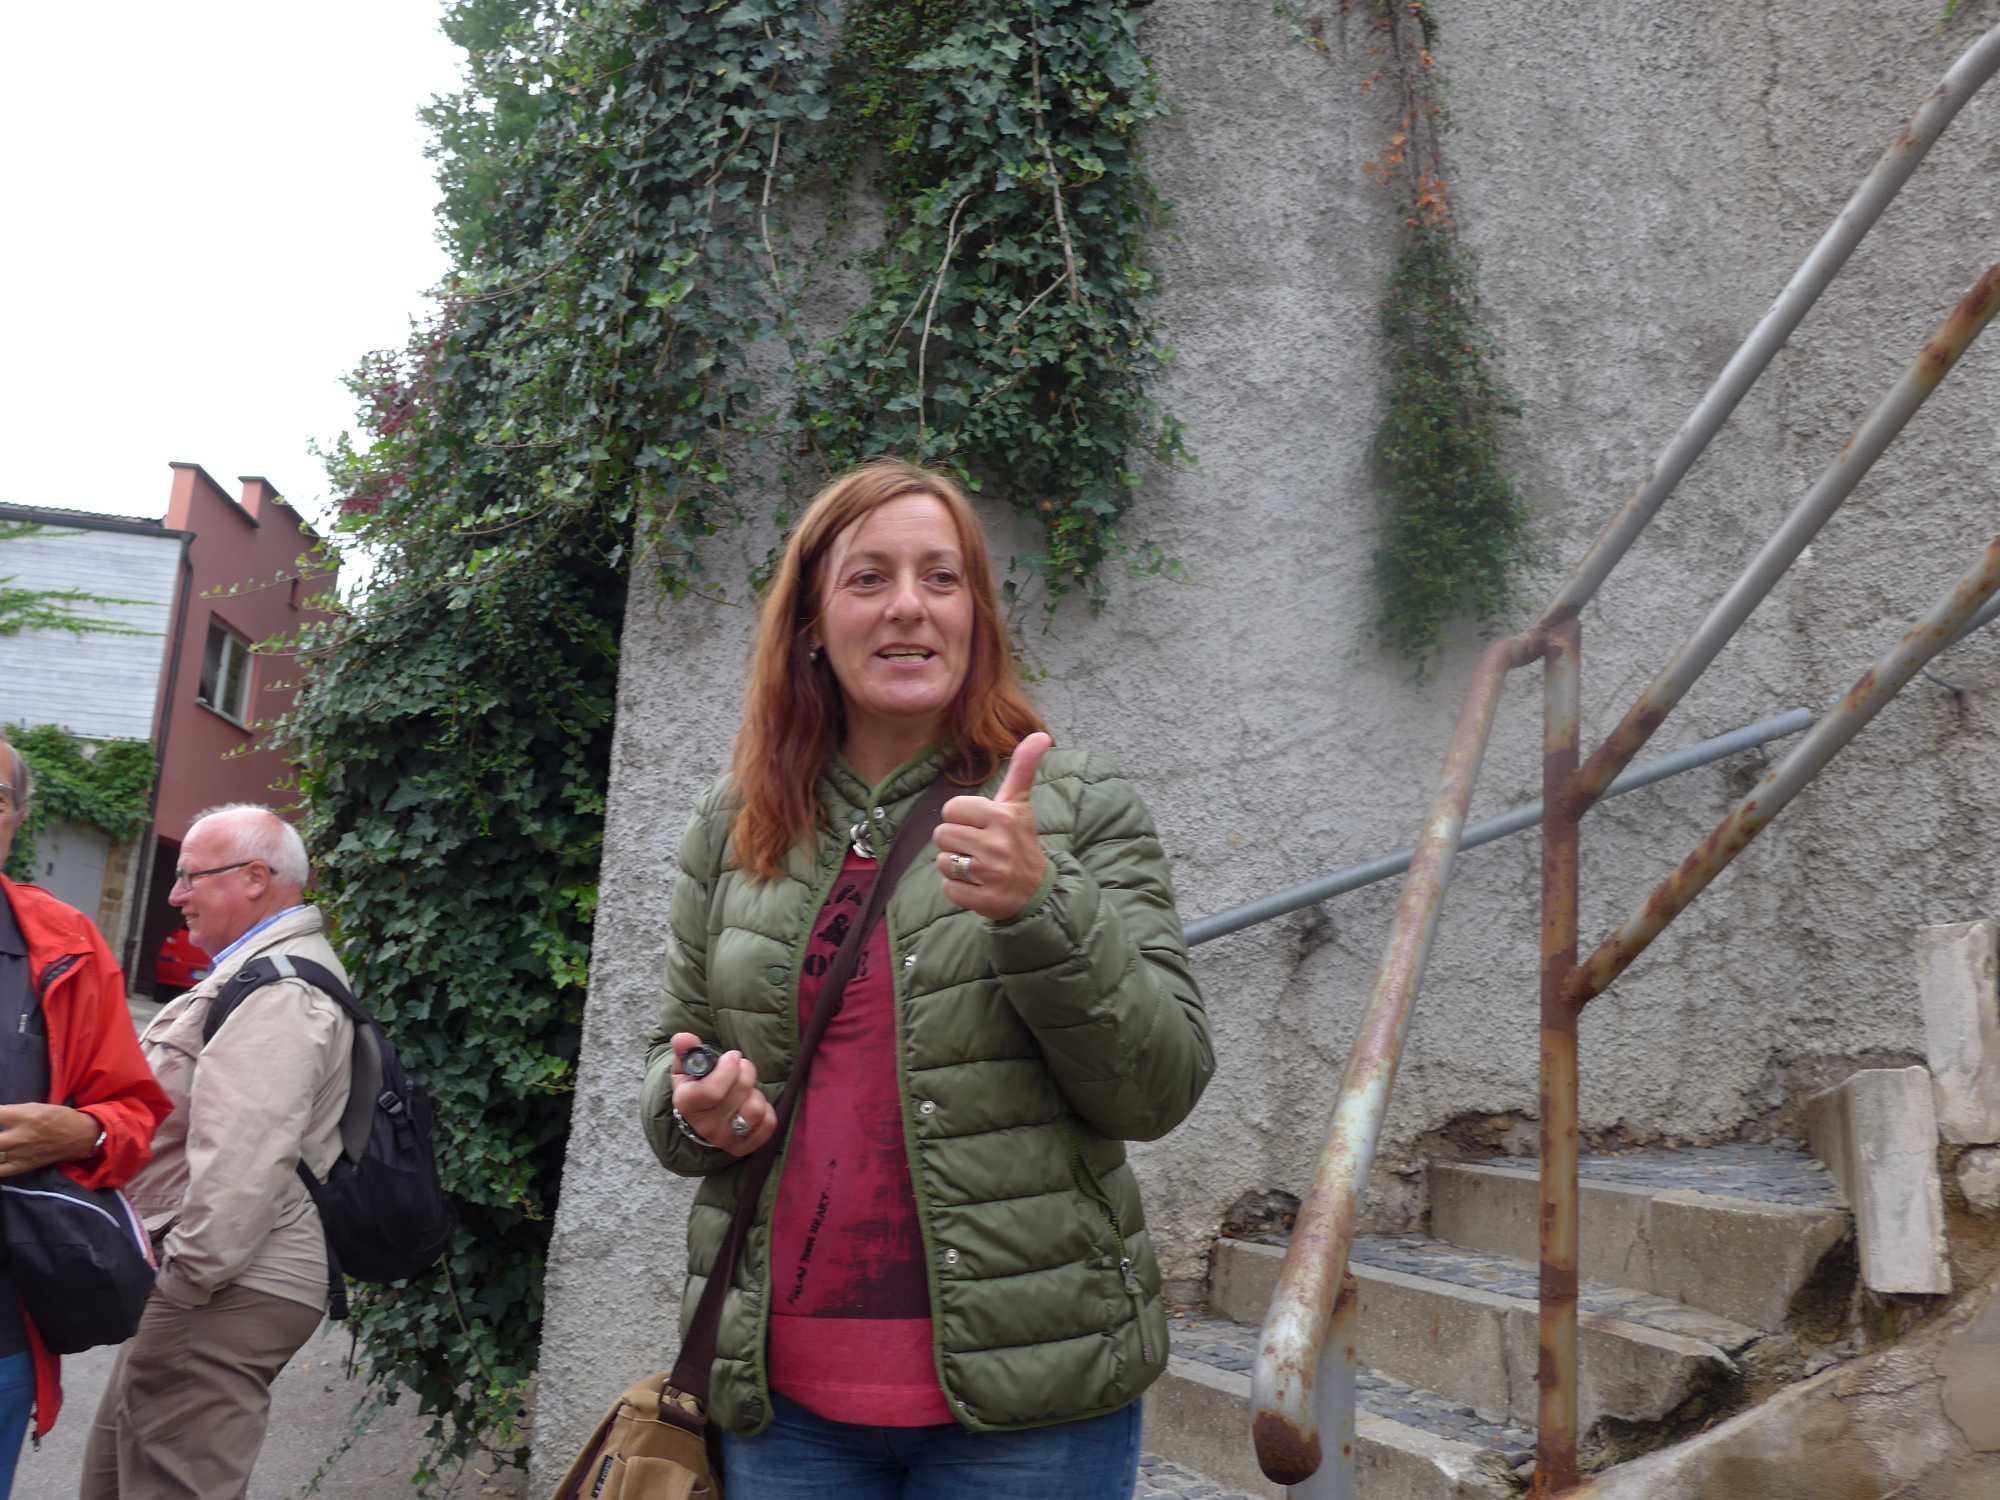 Karin Roßmann, endlich wieder Tageslicht